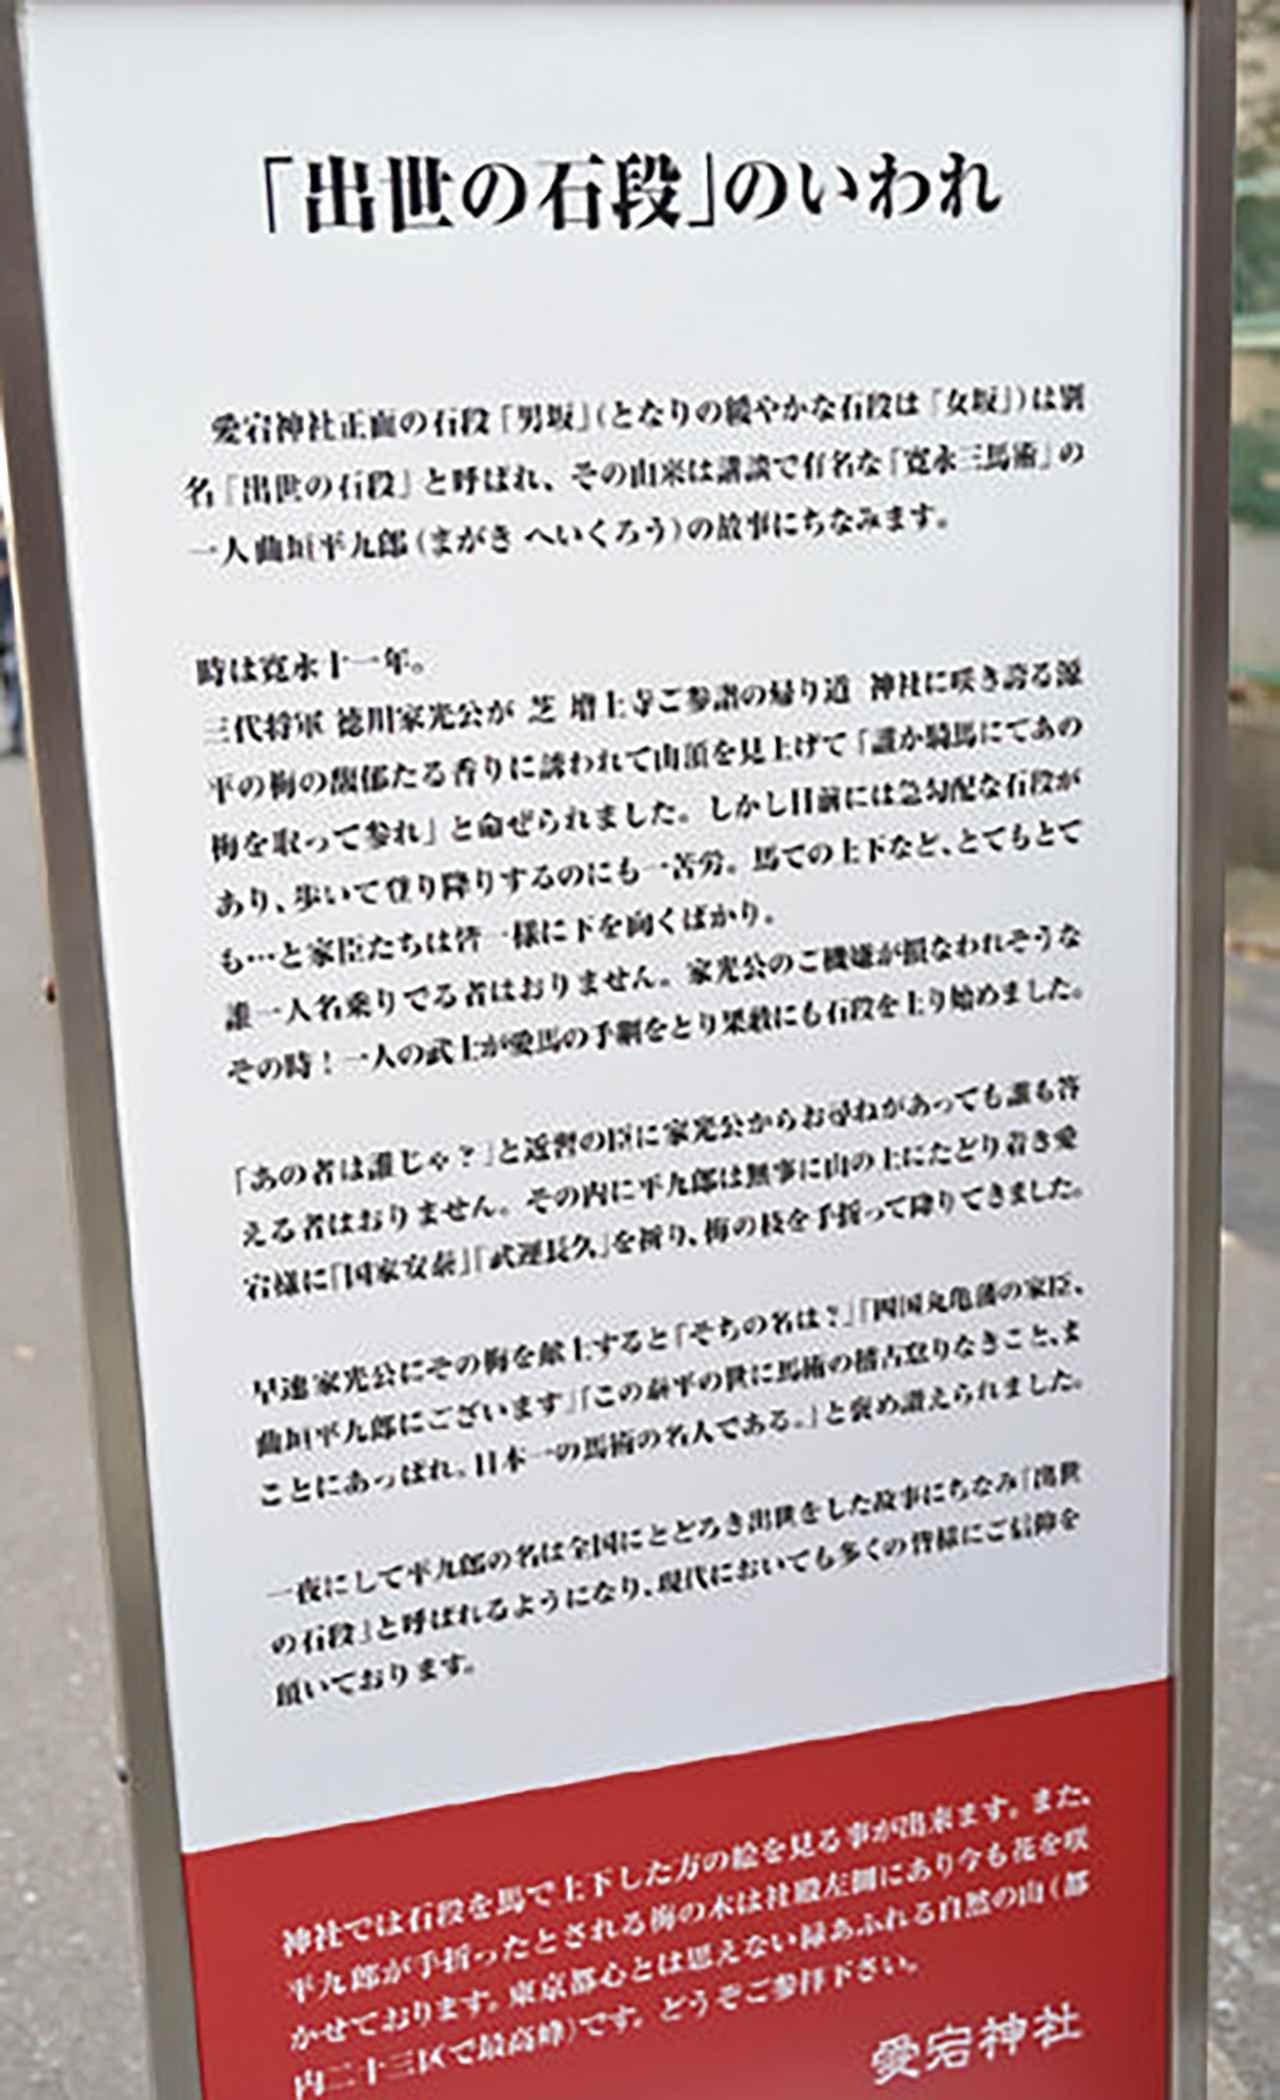 画像: 参道入り口には「出世の石段」の由来書きが。家光公に認められて出世した平九郎さんの話は、有名な講談の「寛永三馬術(かんえいさんばじゅつ)」の中に記されています。